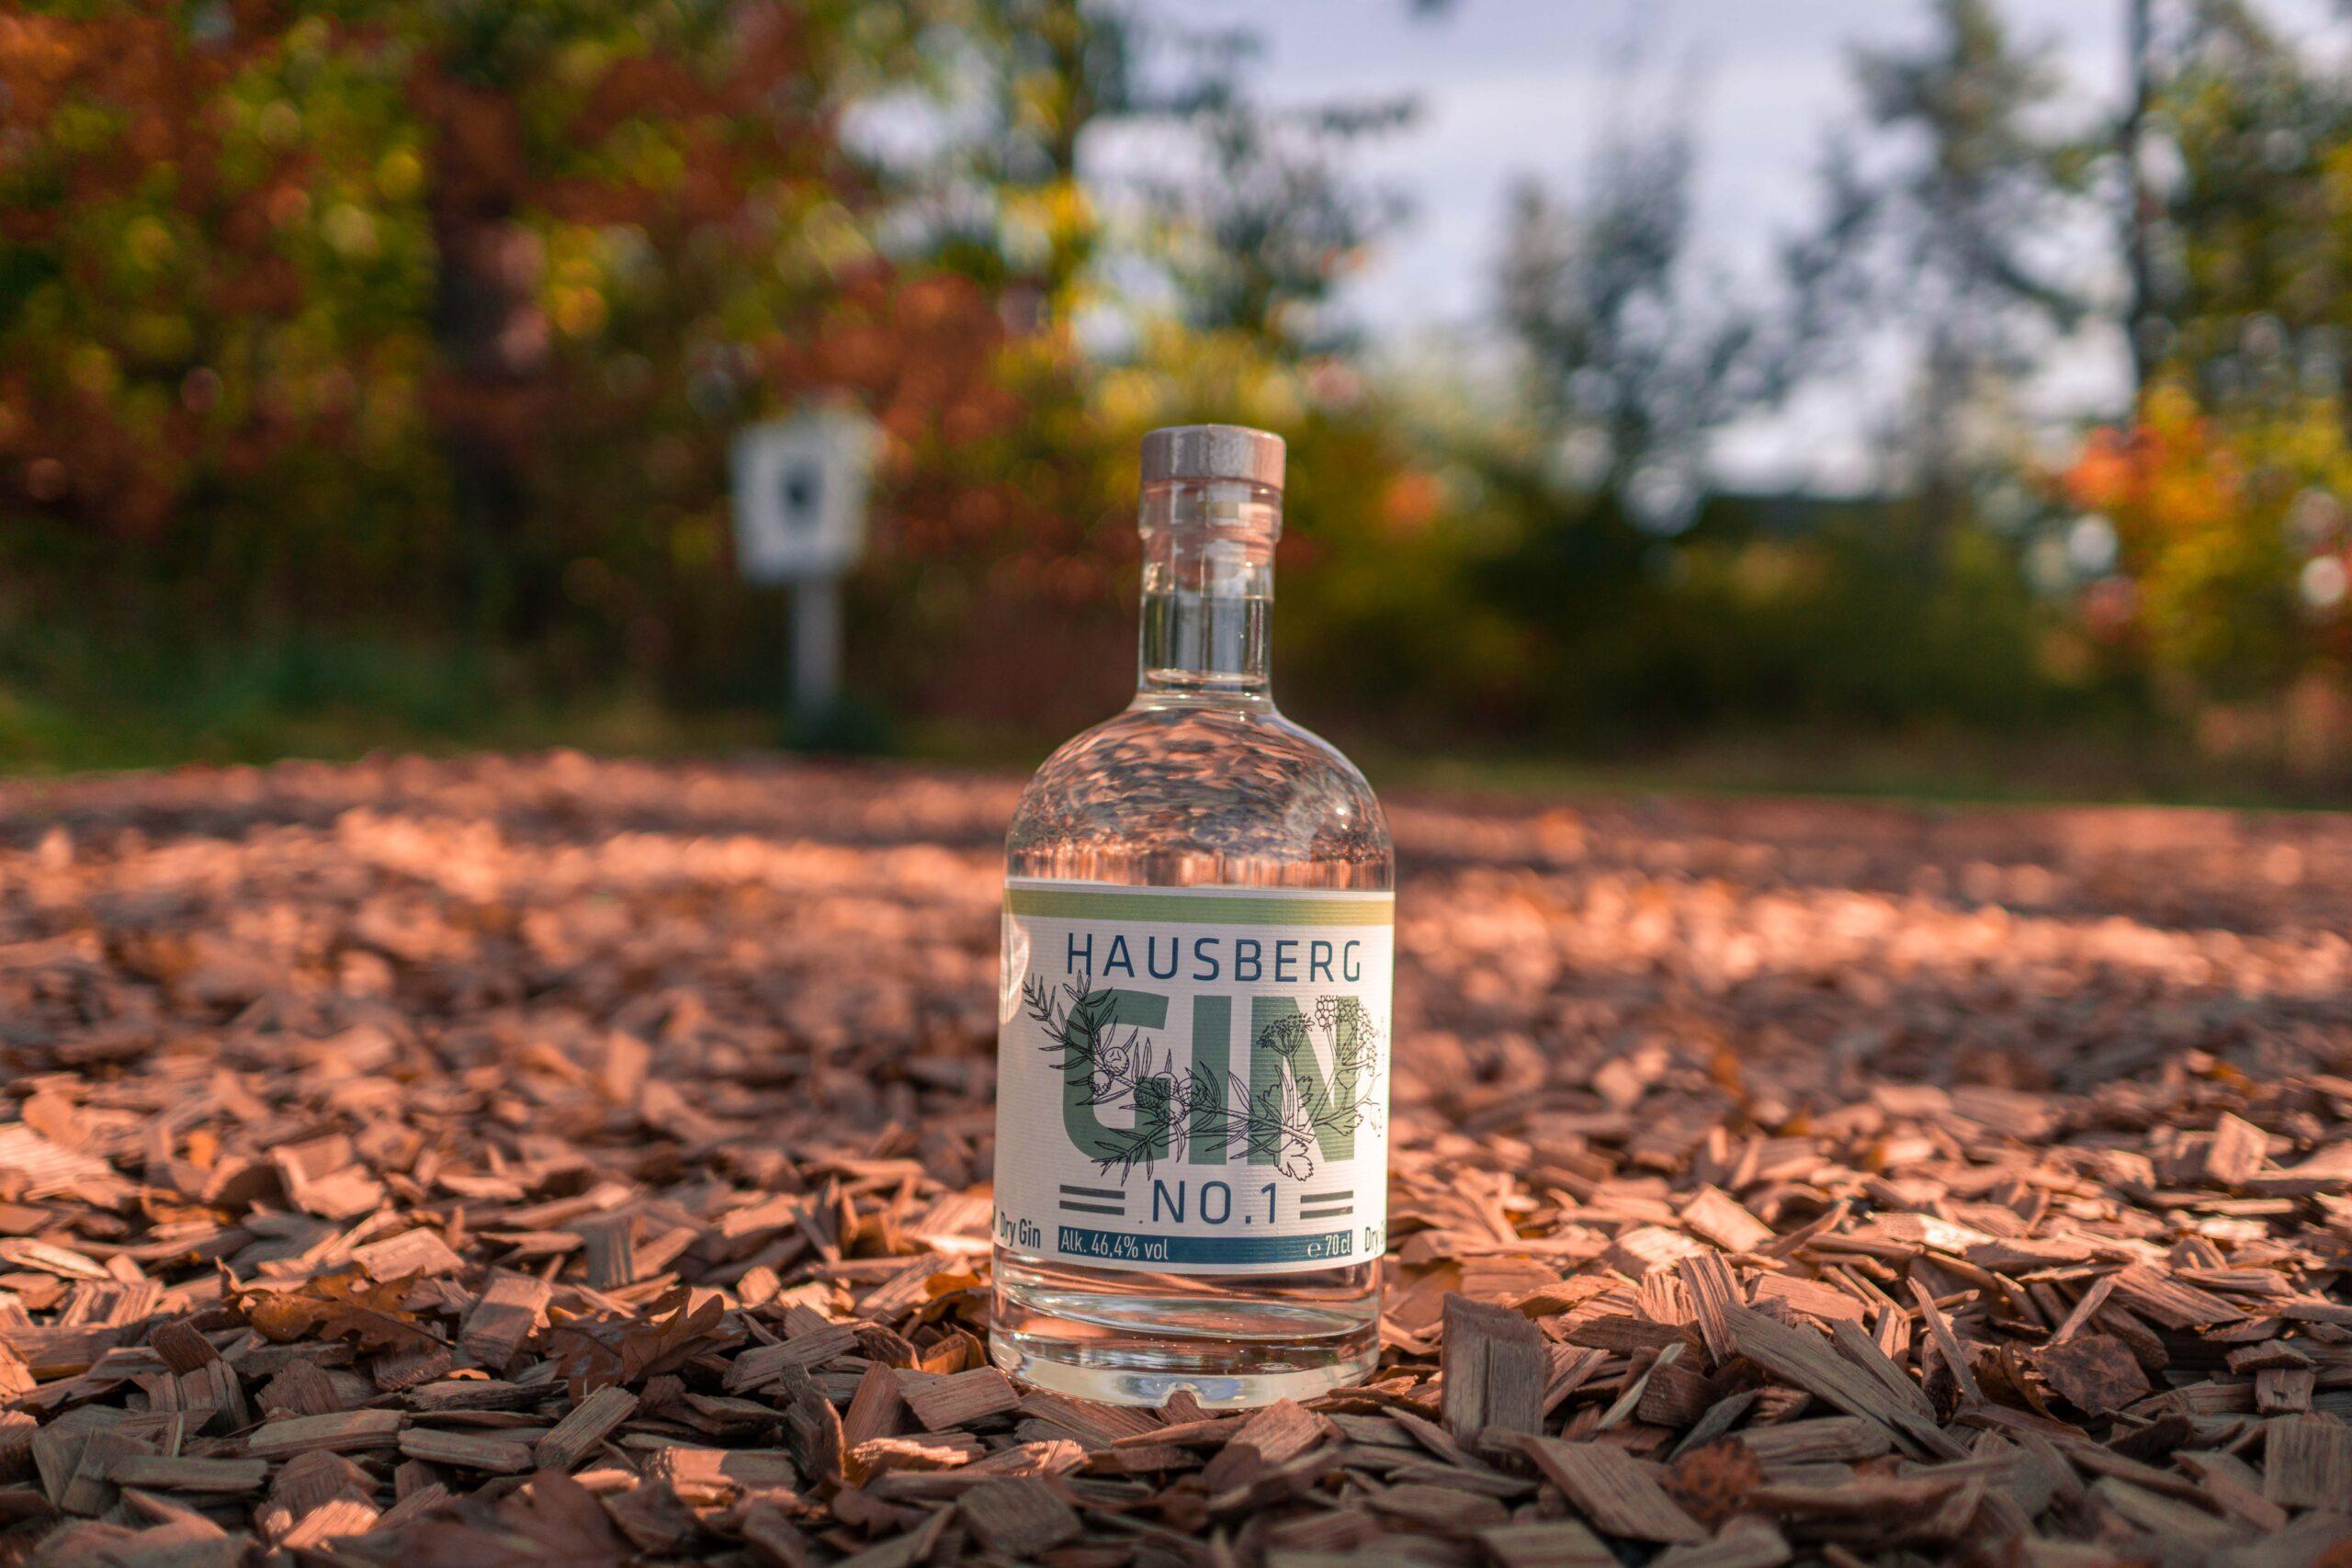 Hausberg No1 Dry Gin